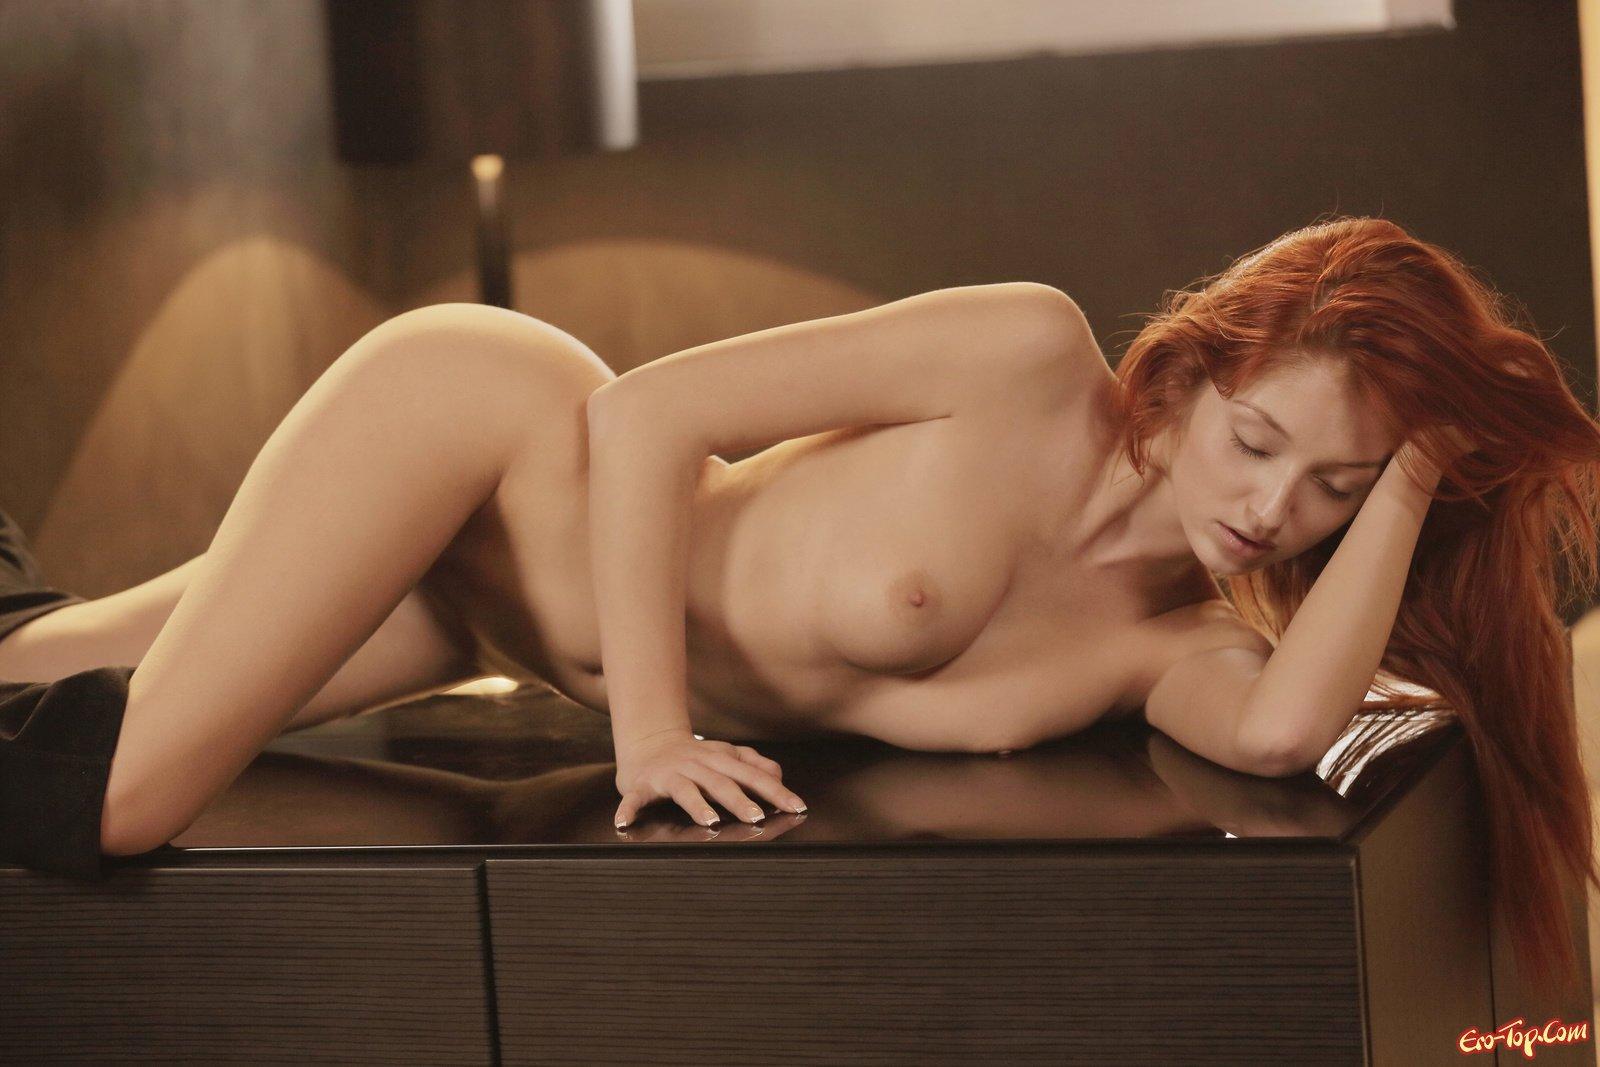 Симпатяга спускает трусики лежа на кухонном столе